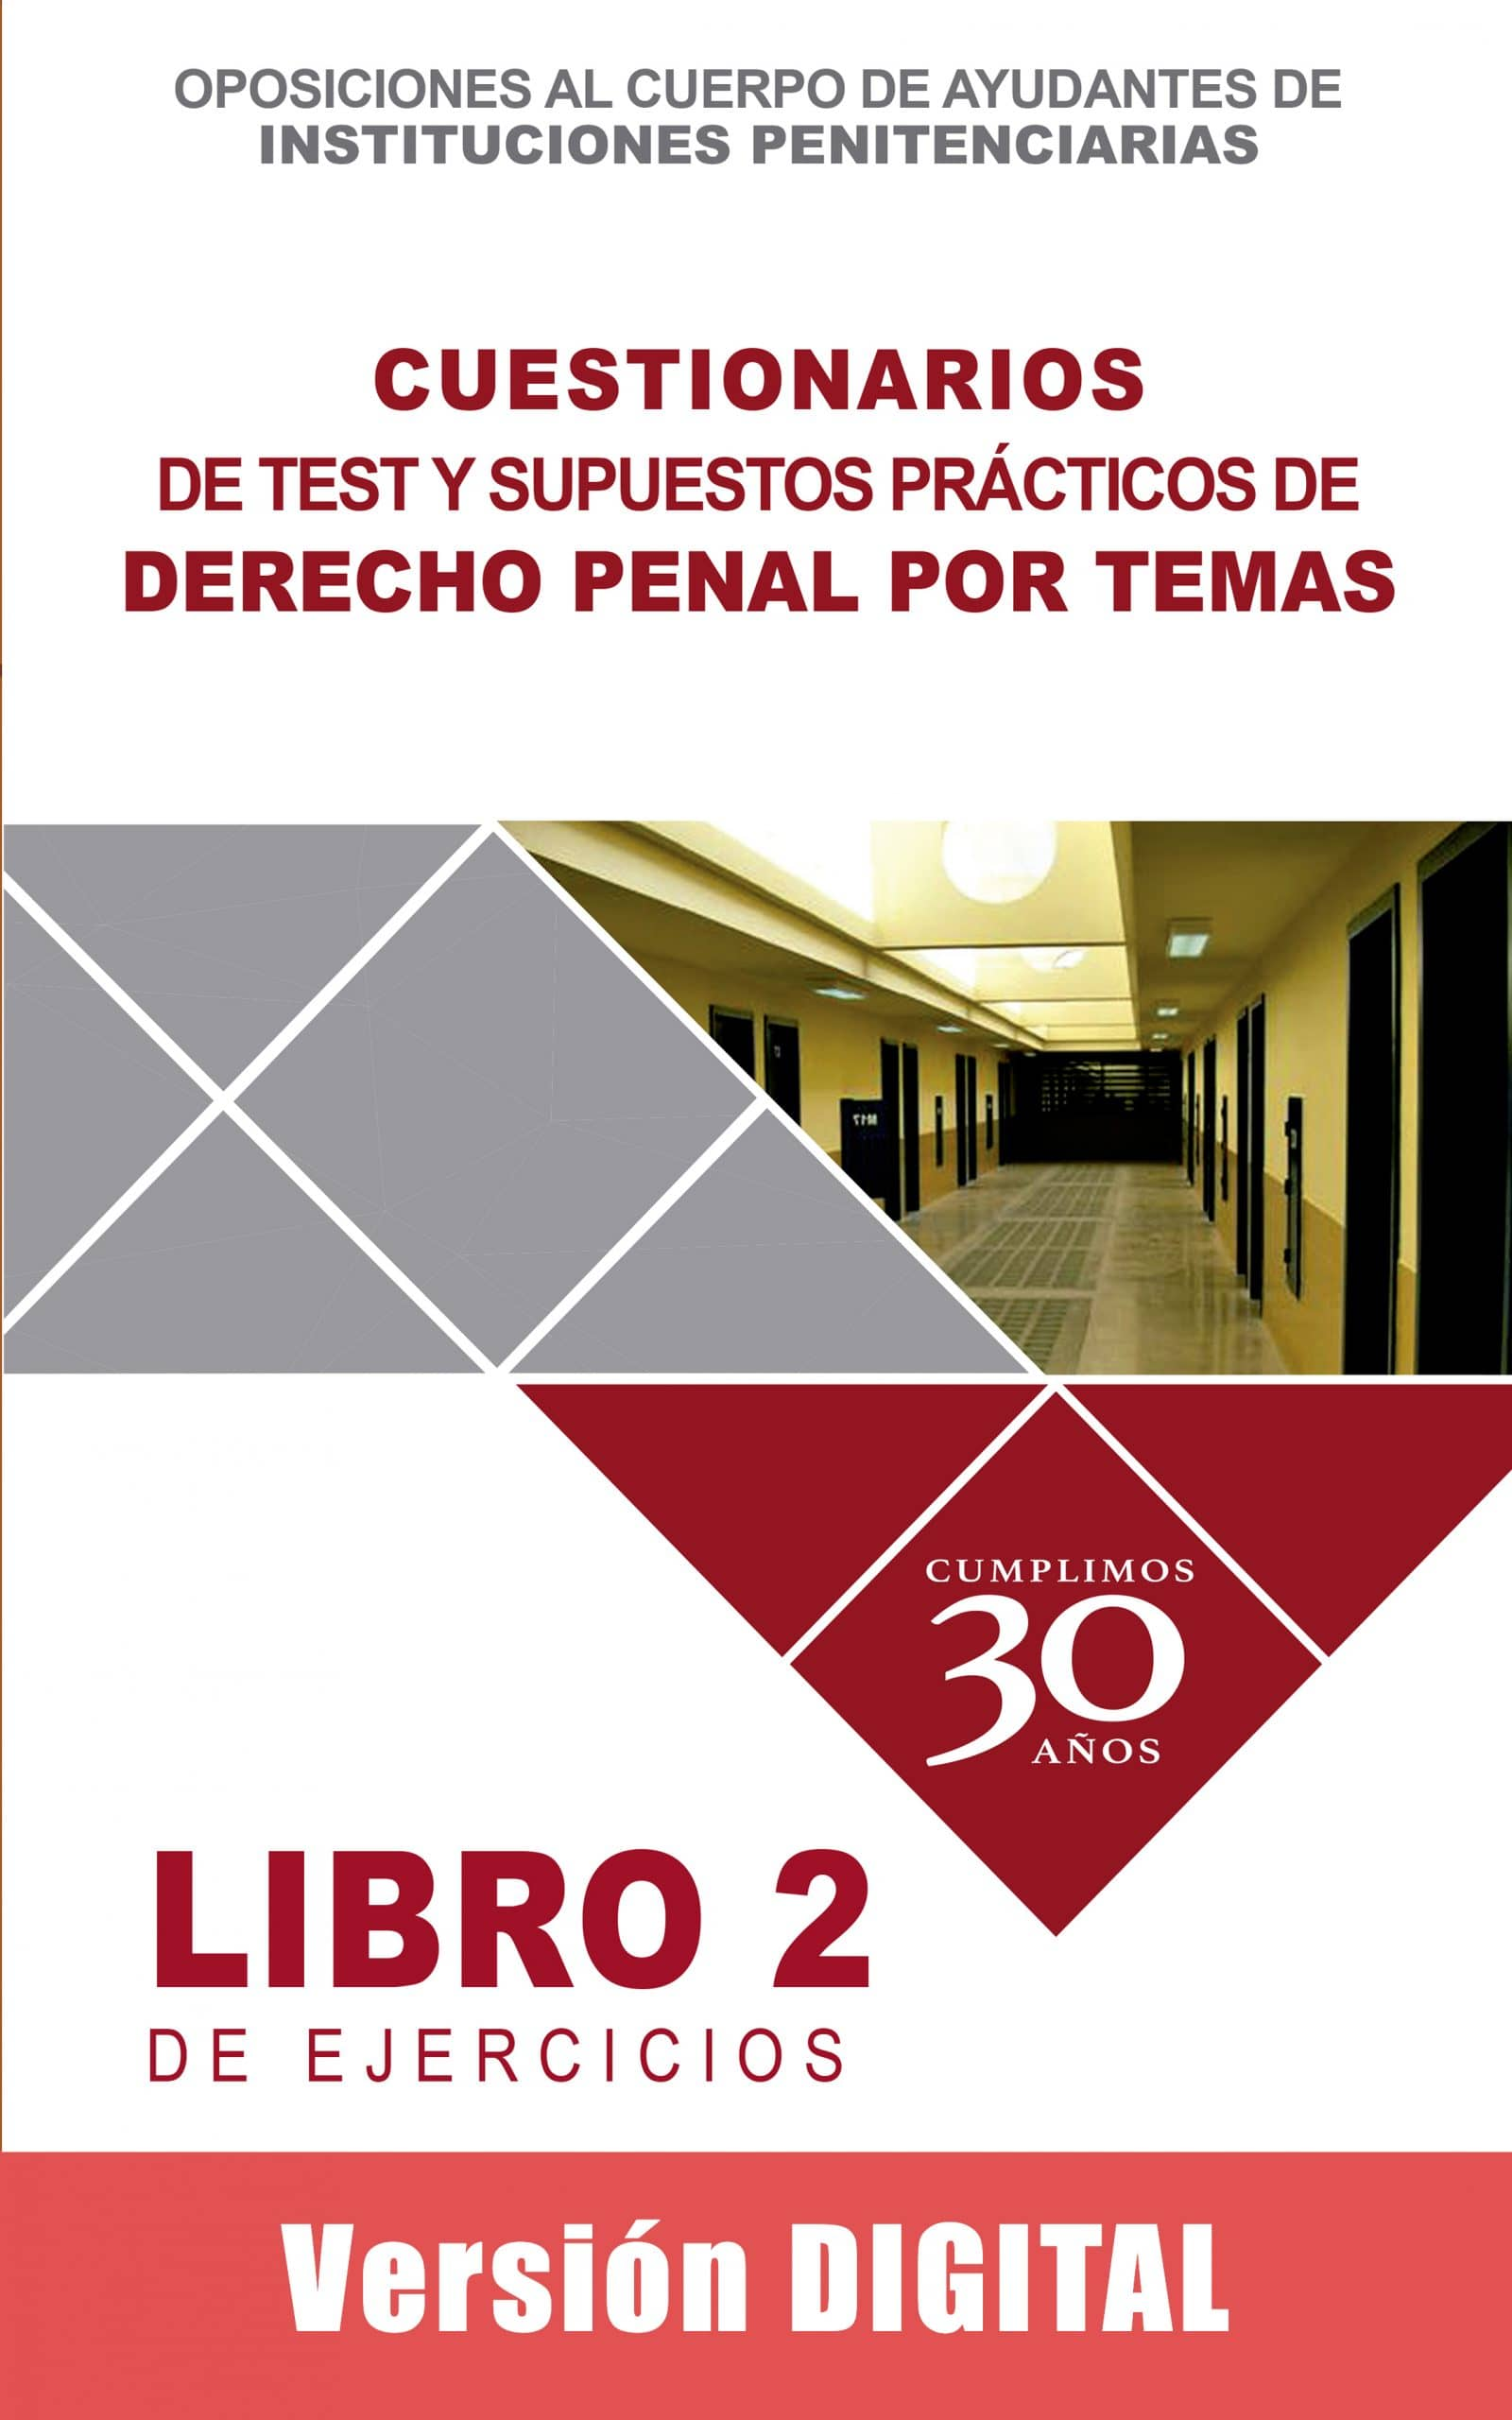 Cuestionarios de Test y Supuestos Prácticos de Derecho Penal por temas.